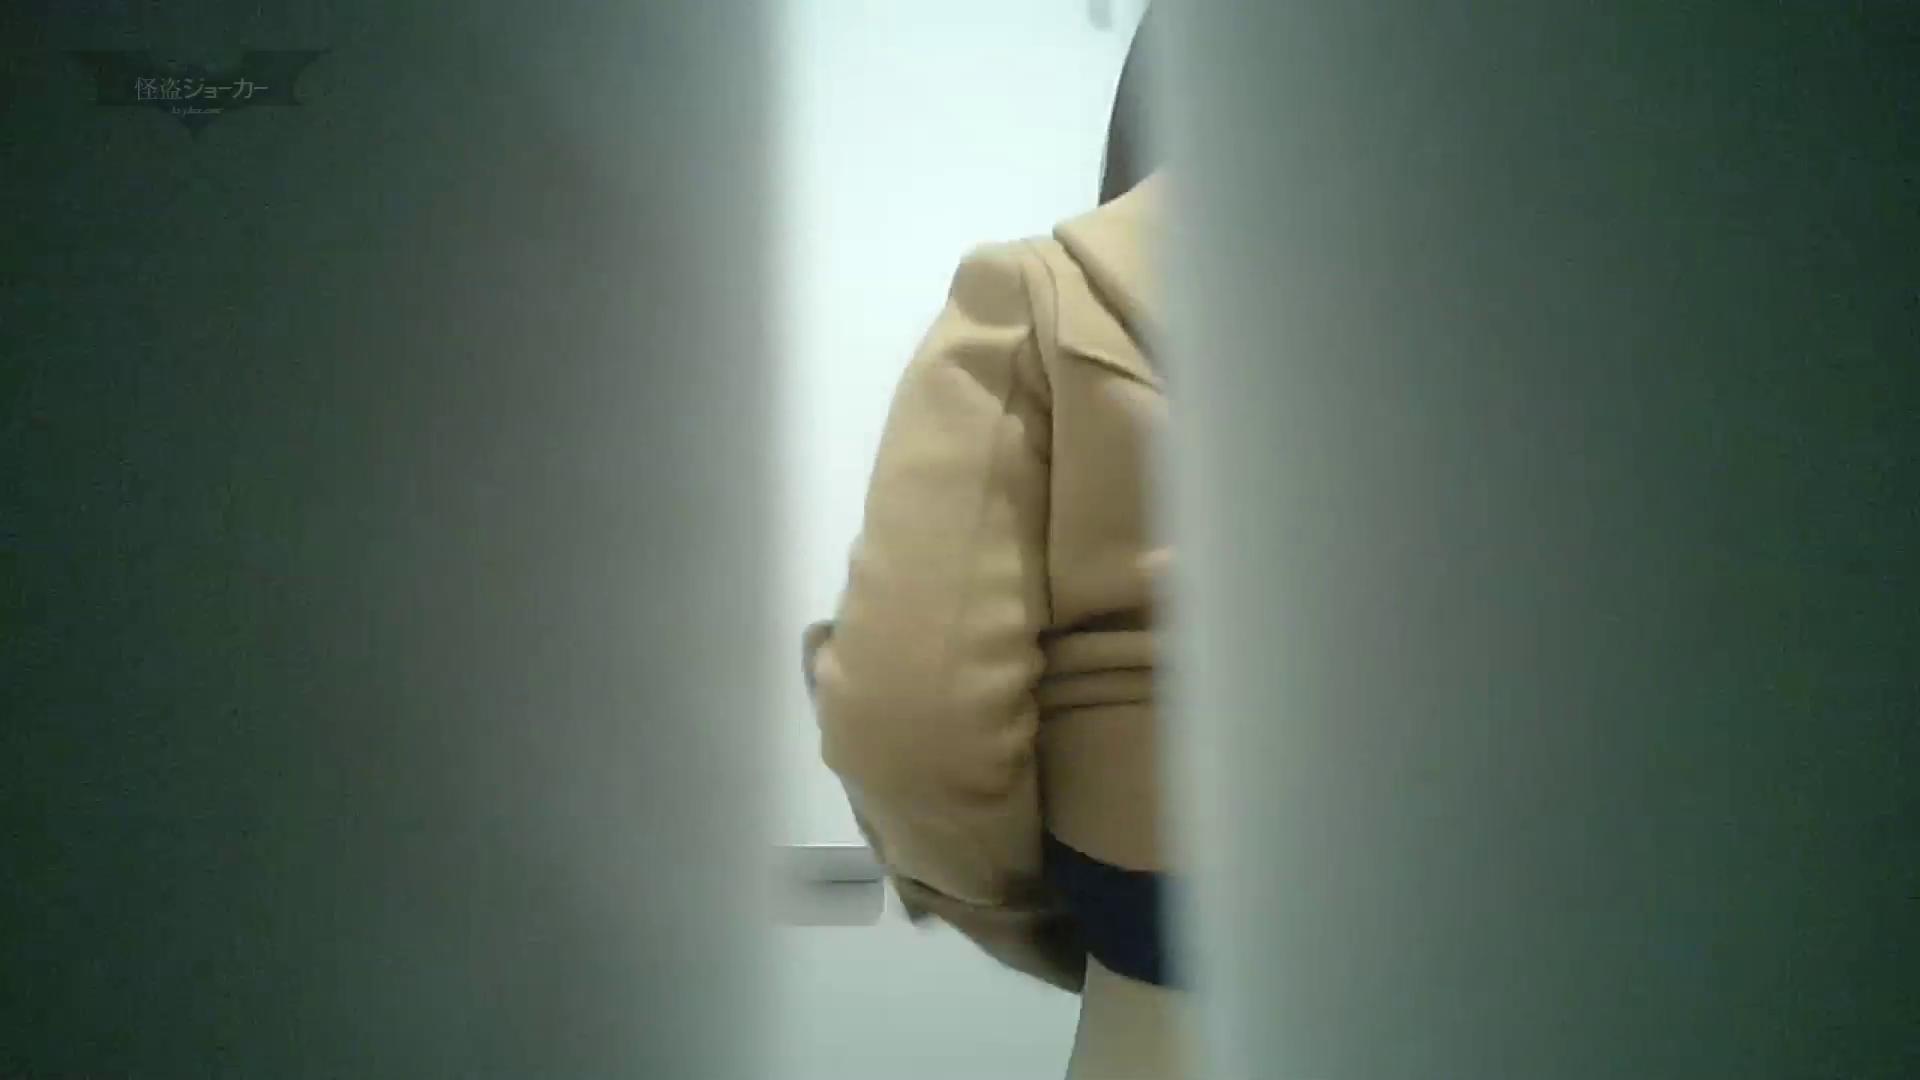 有名大学女性洗面所 vol.57 S級美女マルチアングル撮り!! OLの実態   マルチアングル  103pic 41